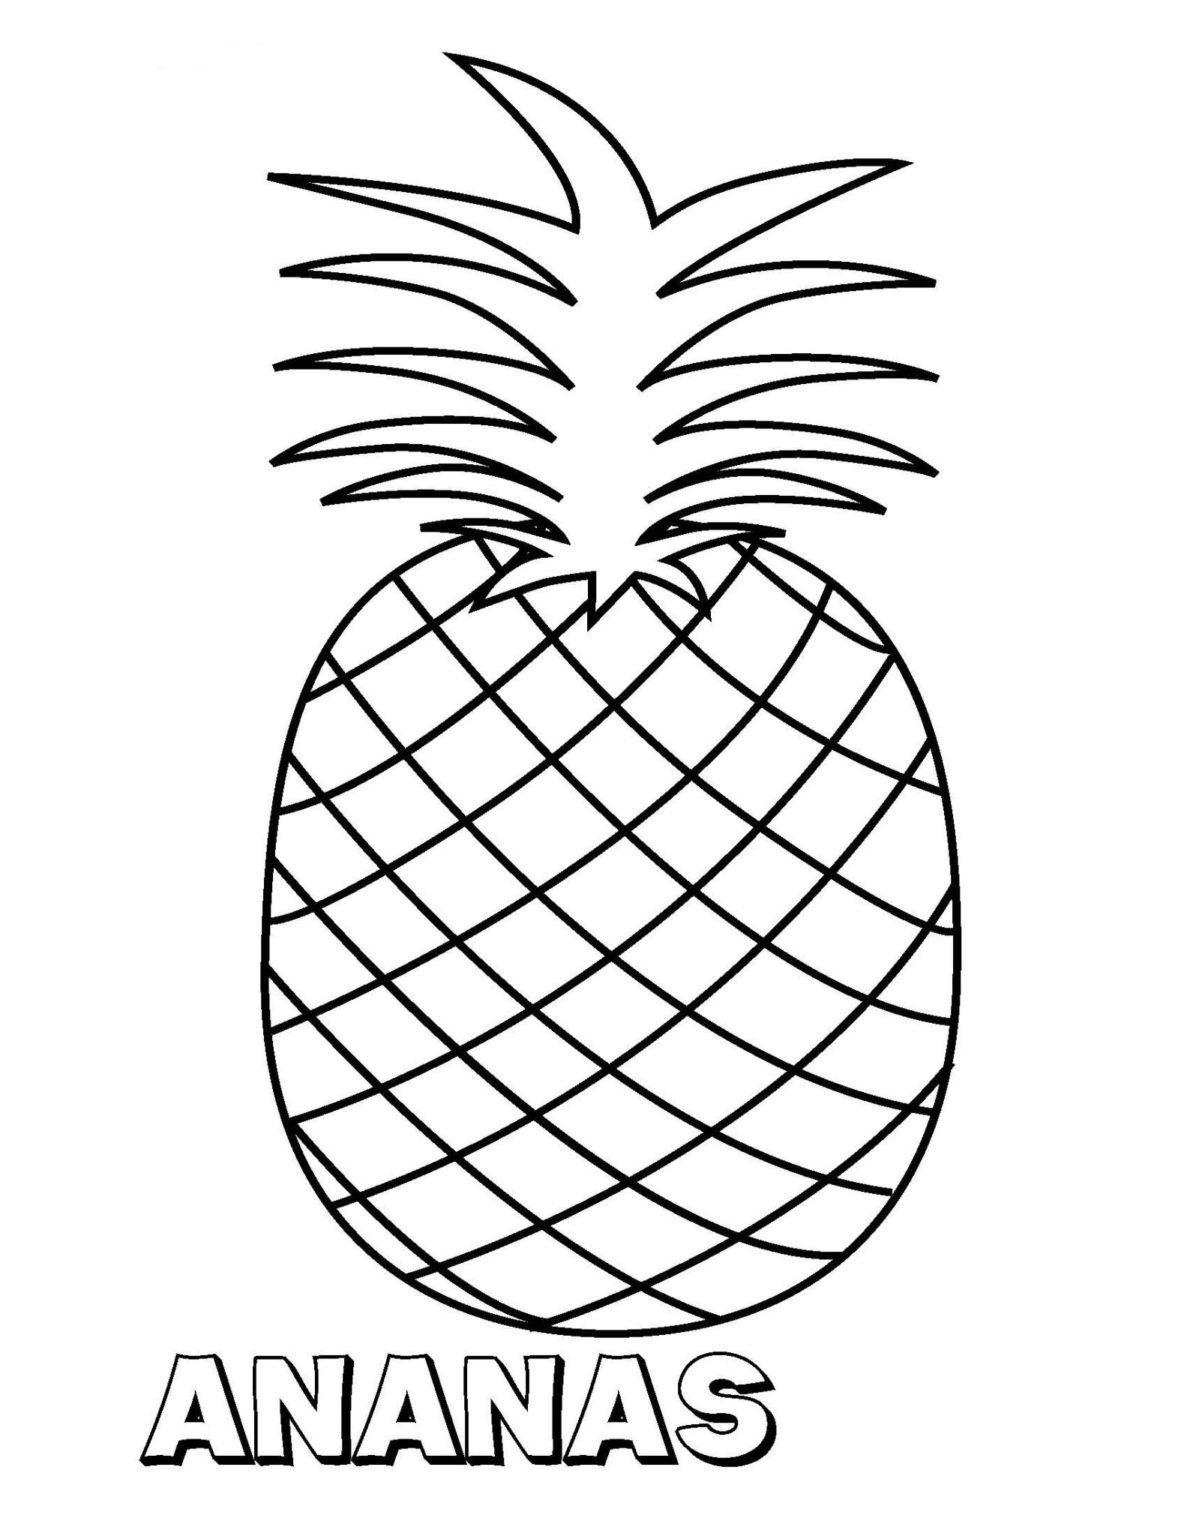 Cok Seveceginiz Meyveler Boyama Sayfasi Meryem Ogretmenin Okul Oncesi Etkinlikleri 2020 Boyama Sayfalari Meyve Elisi Fikirleri